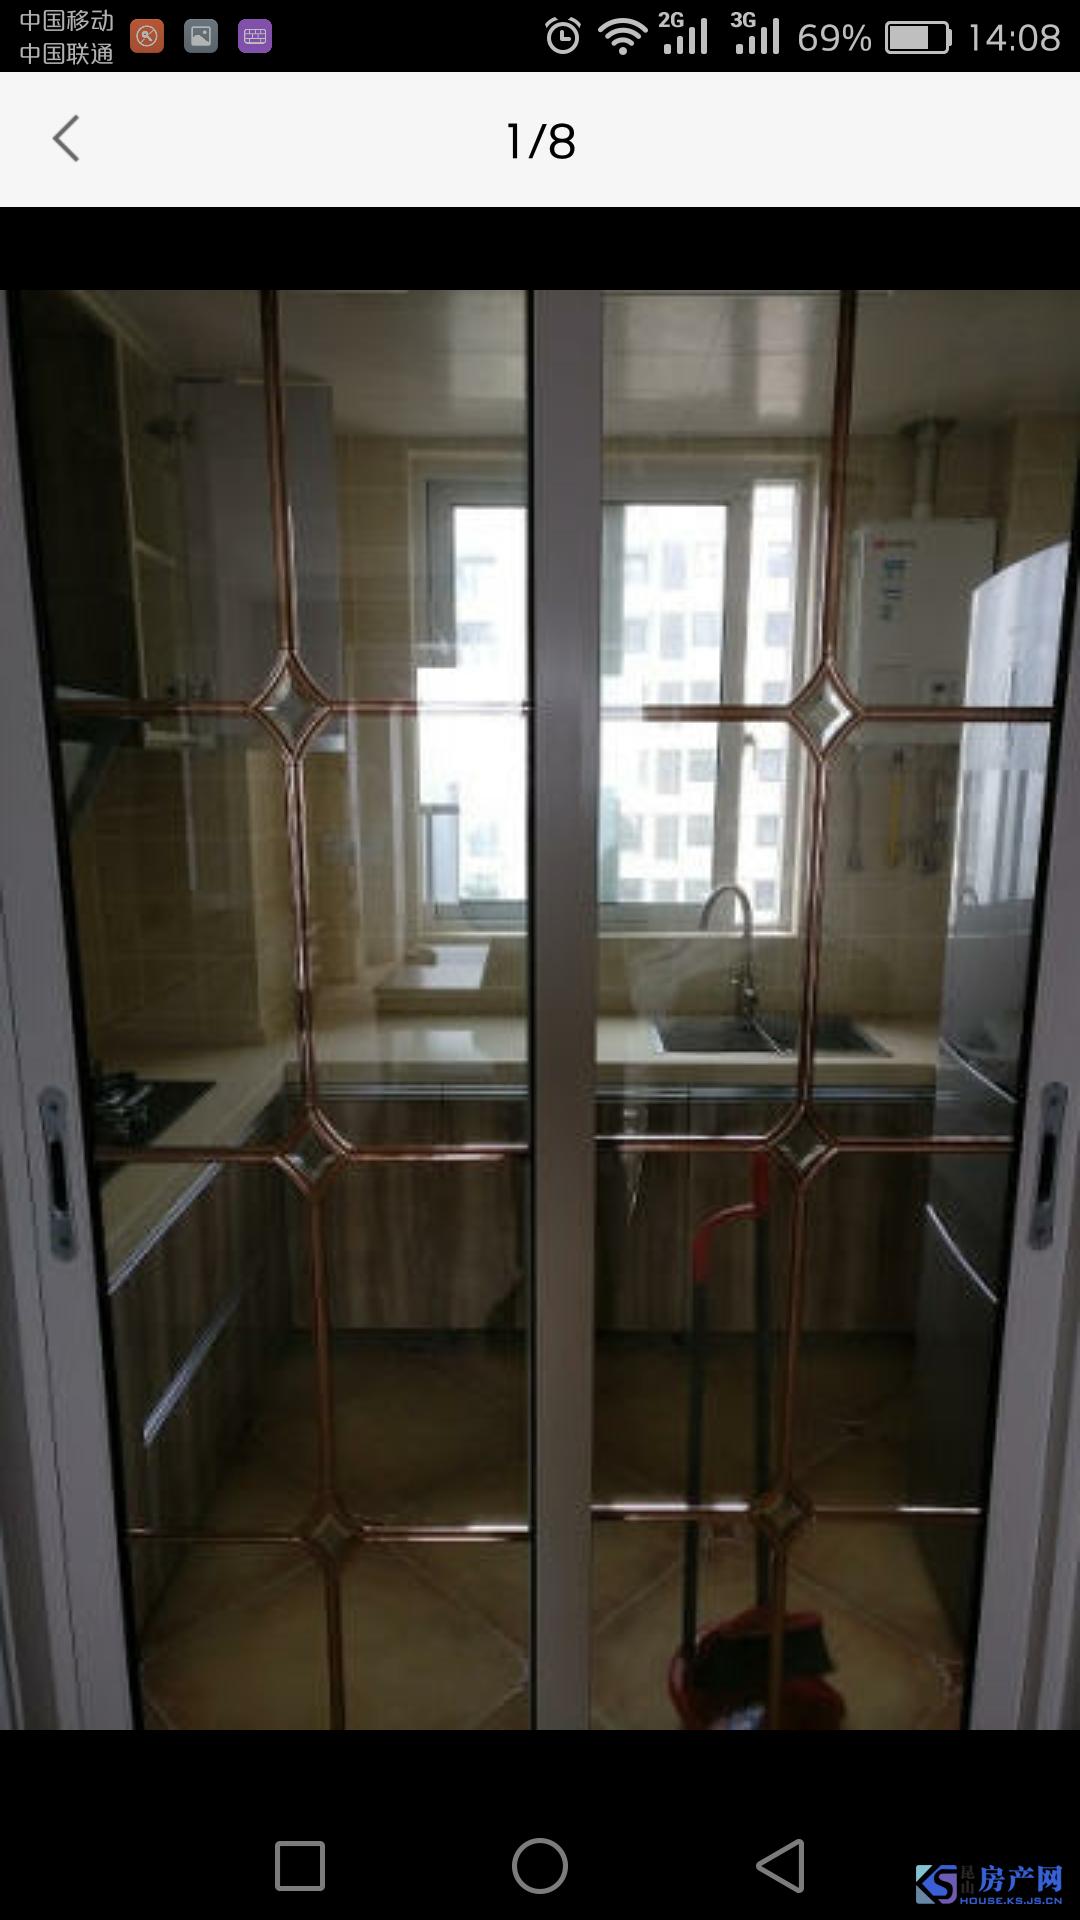 共青小区 精装大两房 三楼 首次出租 全新配家具 家电 随时看房